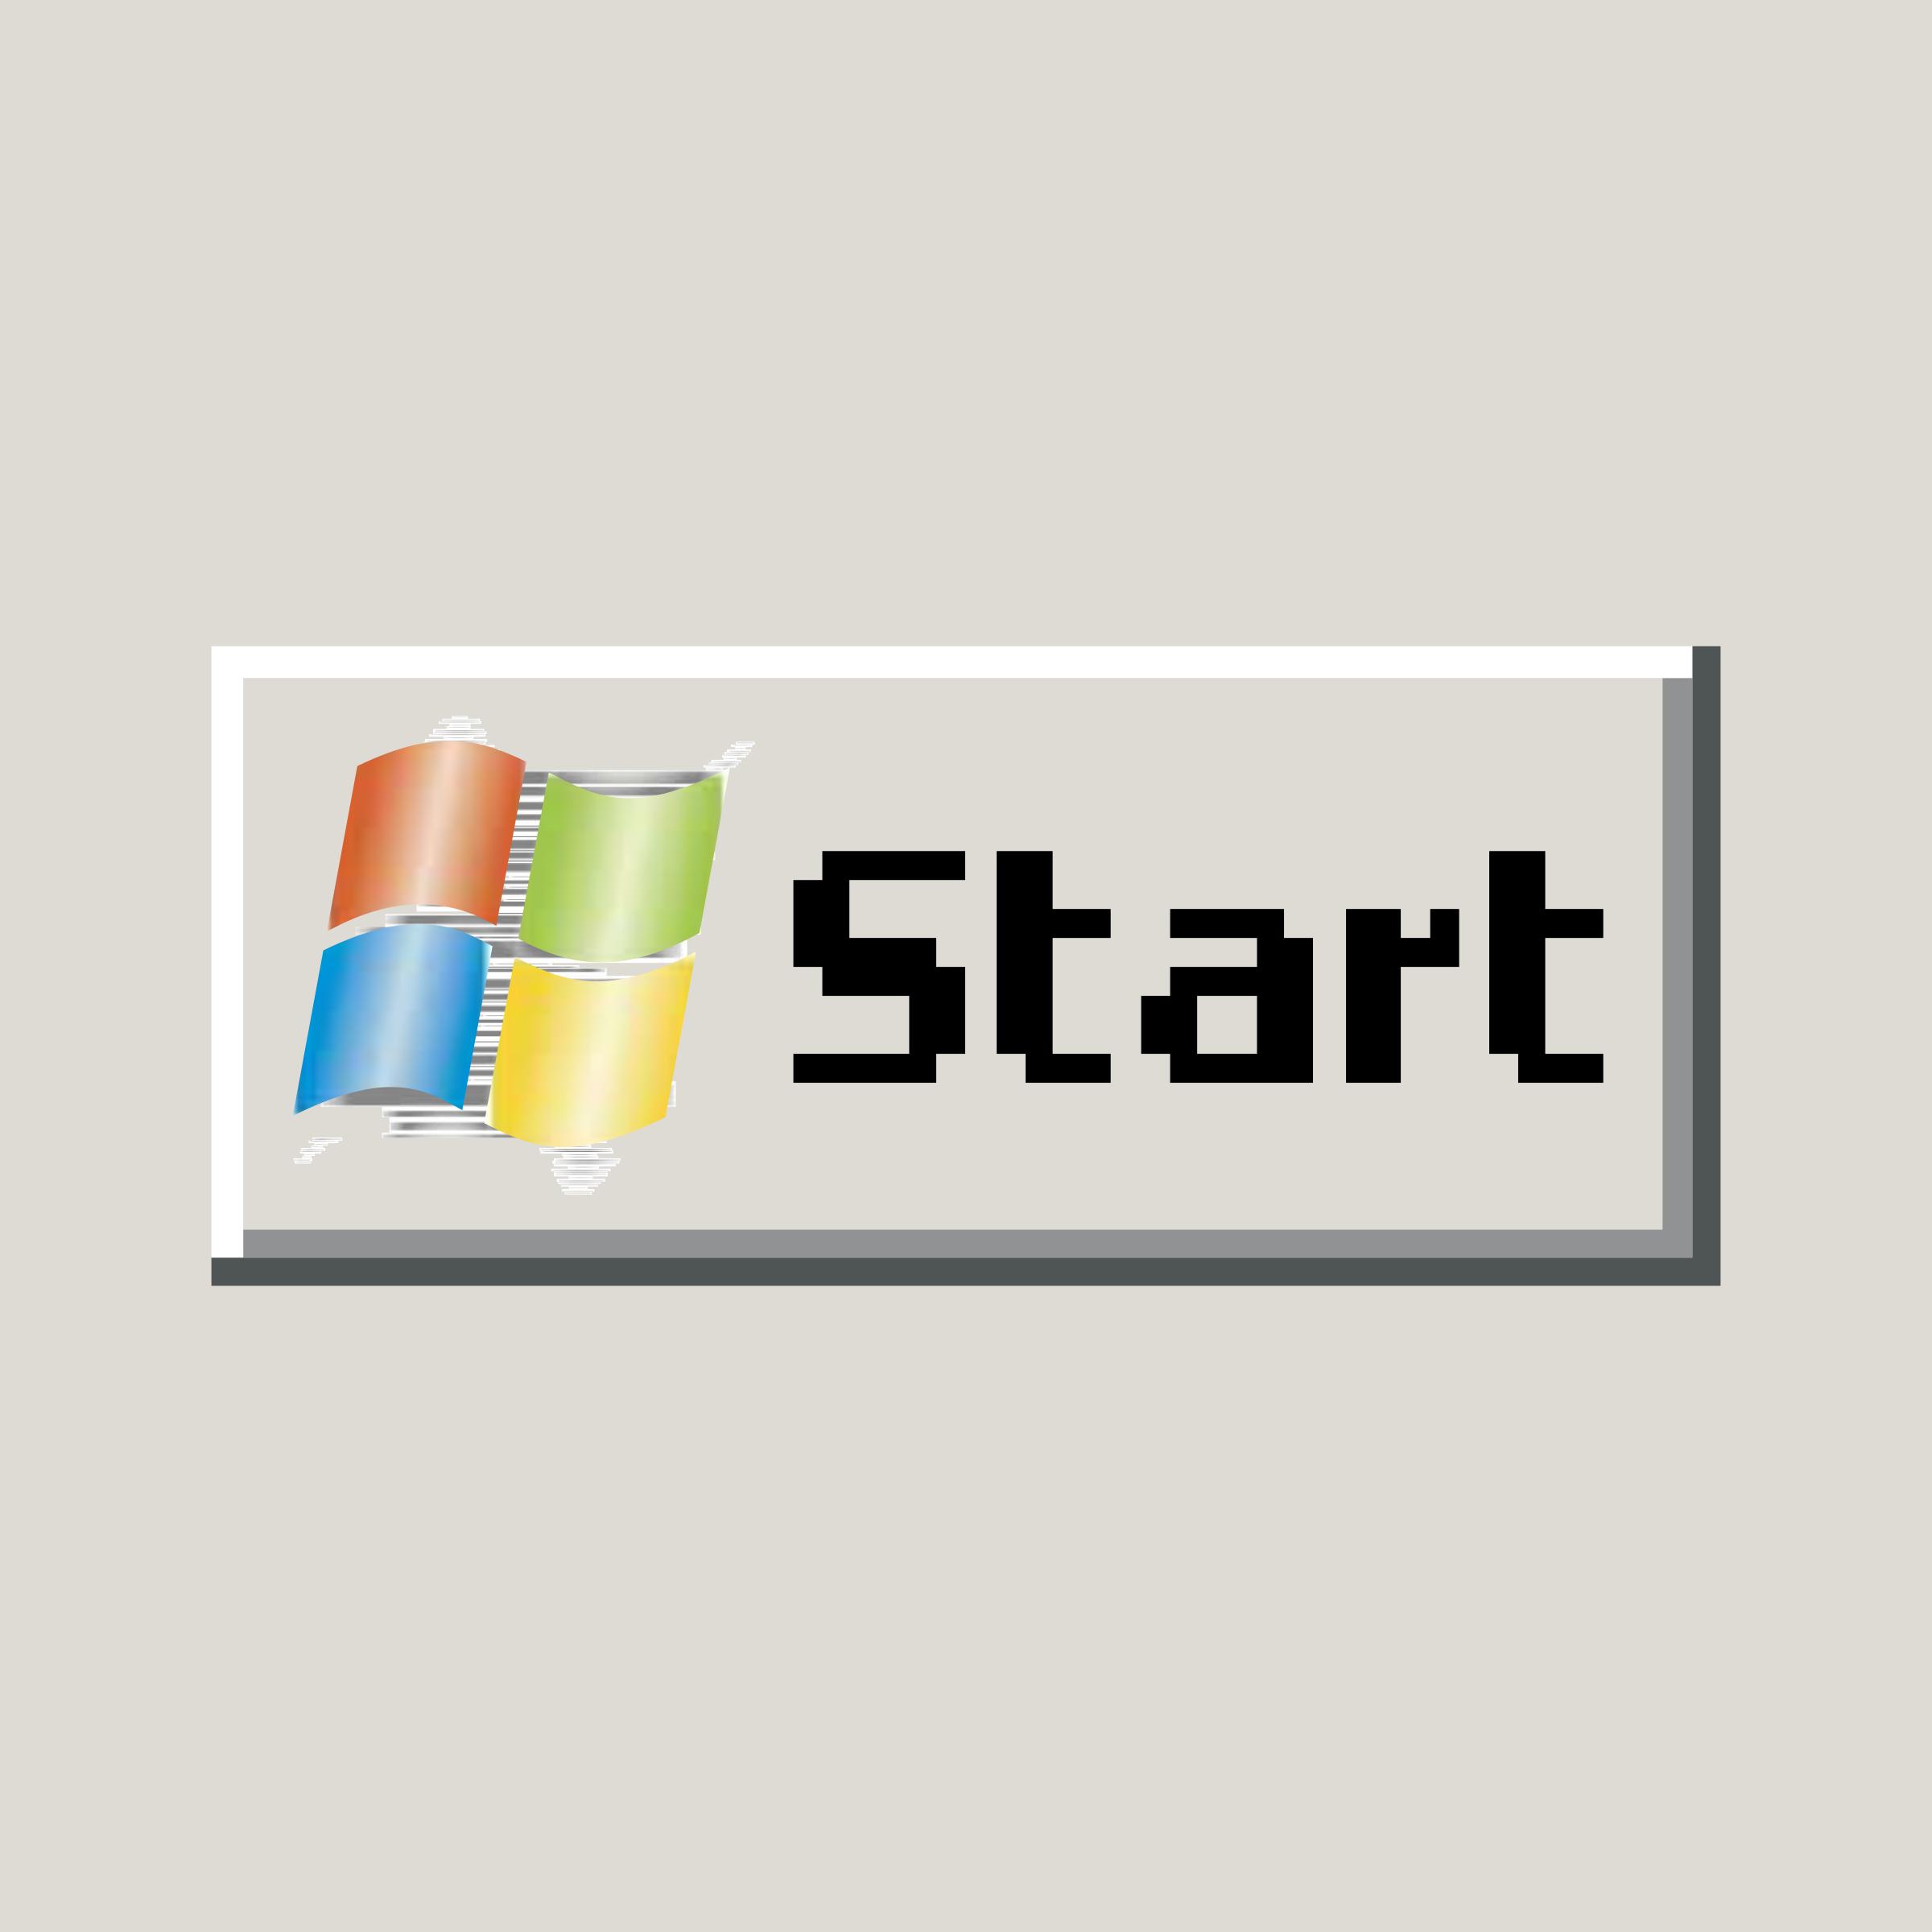 Windows Xp Start Menu Logo: Download Start Menu For Pokki